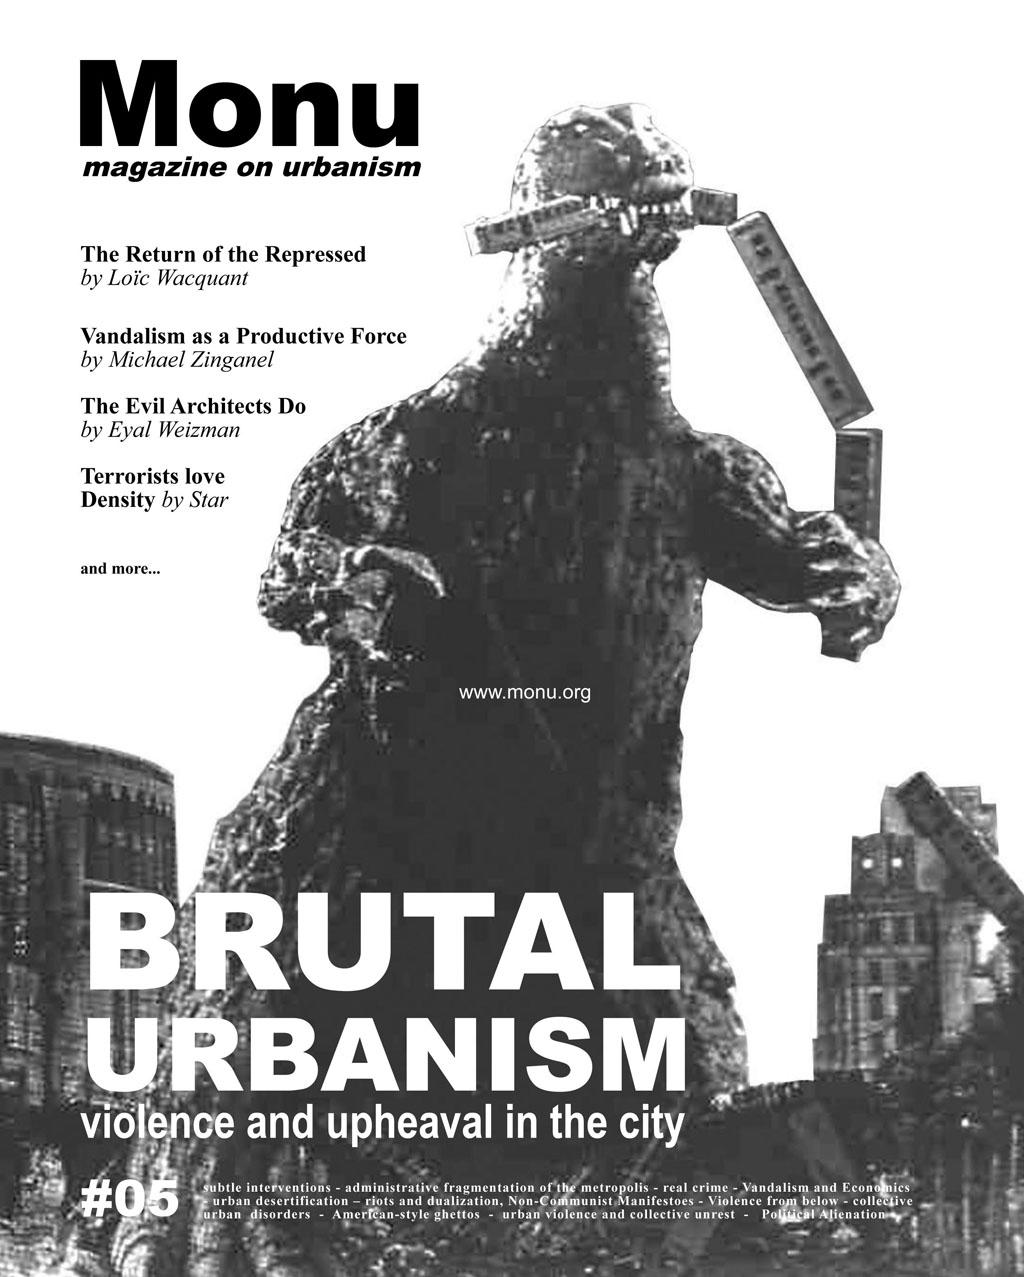 MONU magazine on urbanism 5 – Brutal Urbanism